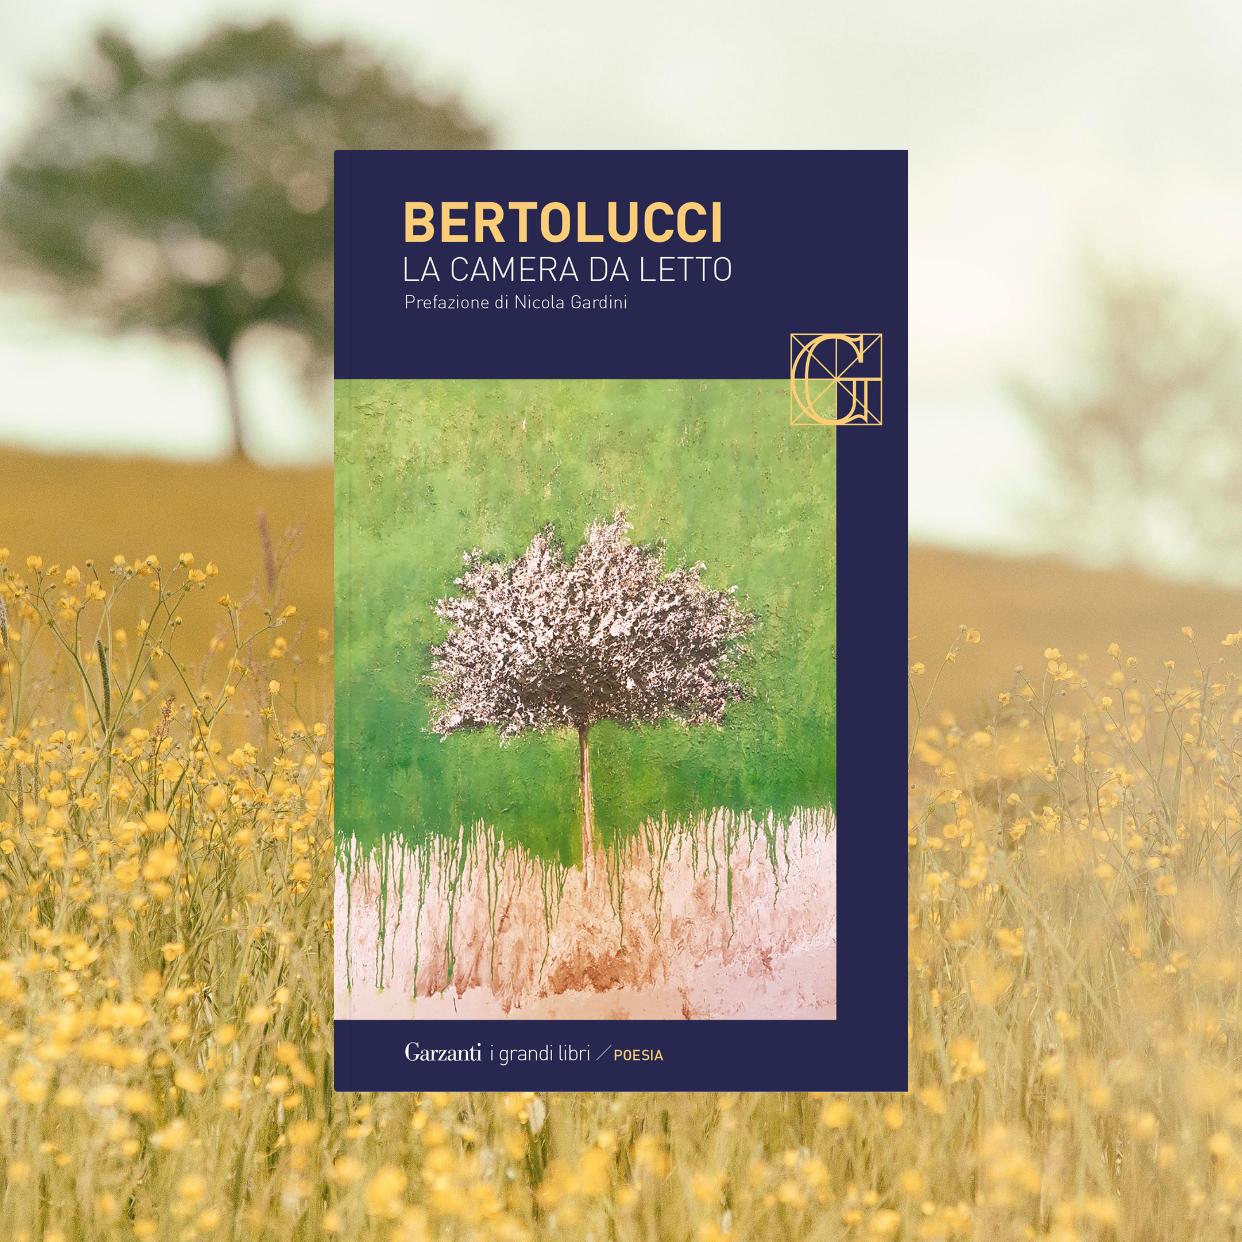 Attilio Bertolucci, un intellettuale disponibile